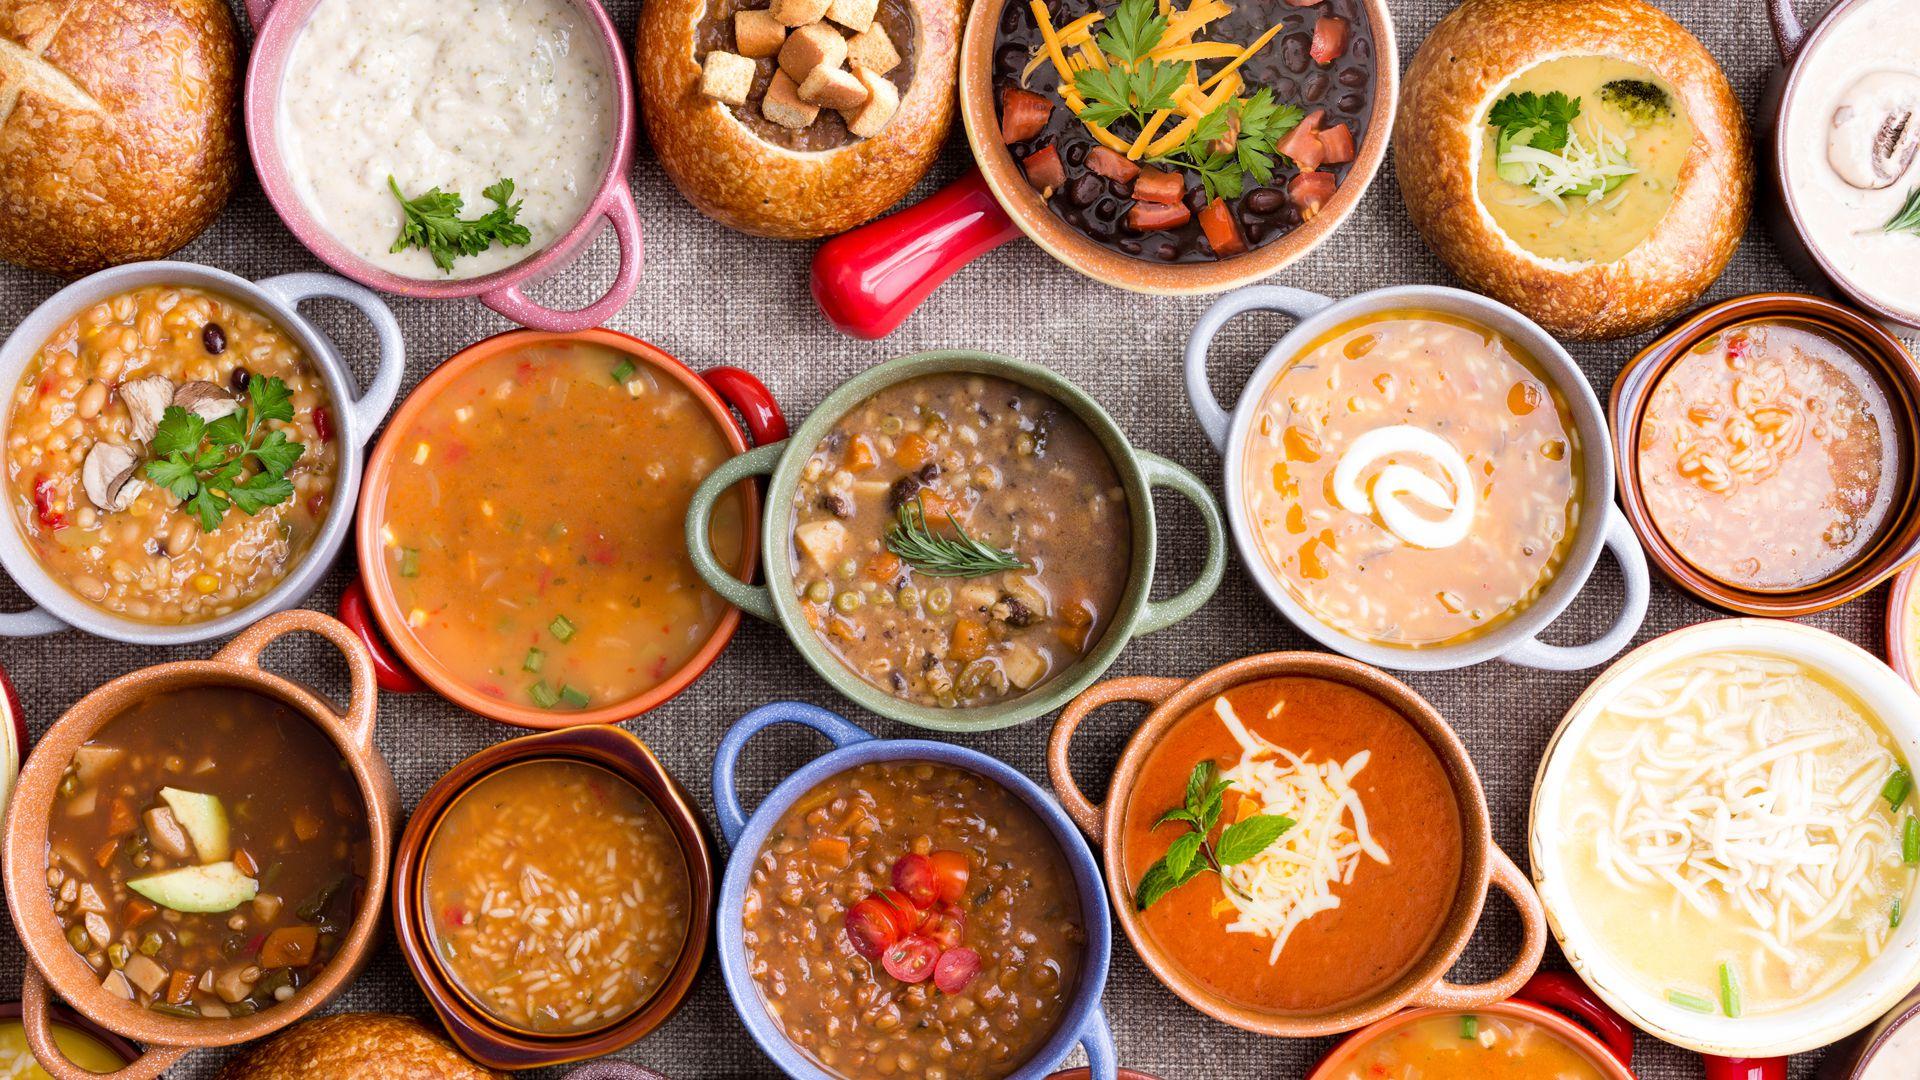 Los caldos son elementos clave de la dieta en los países latinoamericanos. El ajiaco, por su tradición, es el plato preferido por los bogotanos. (iStock)